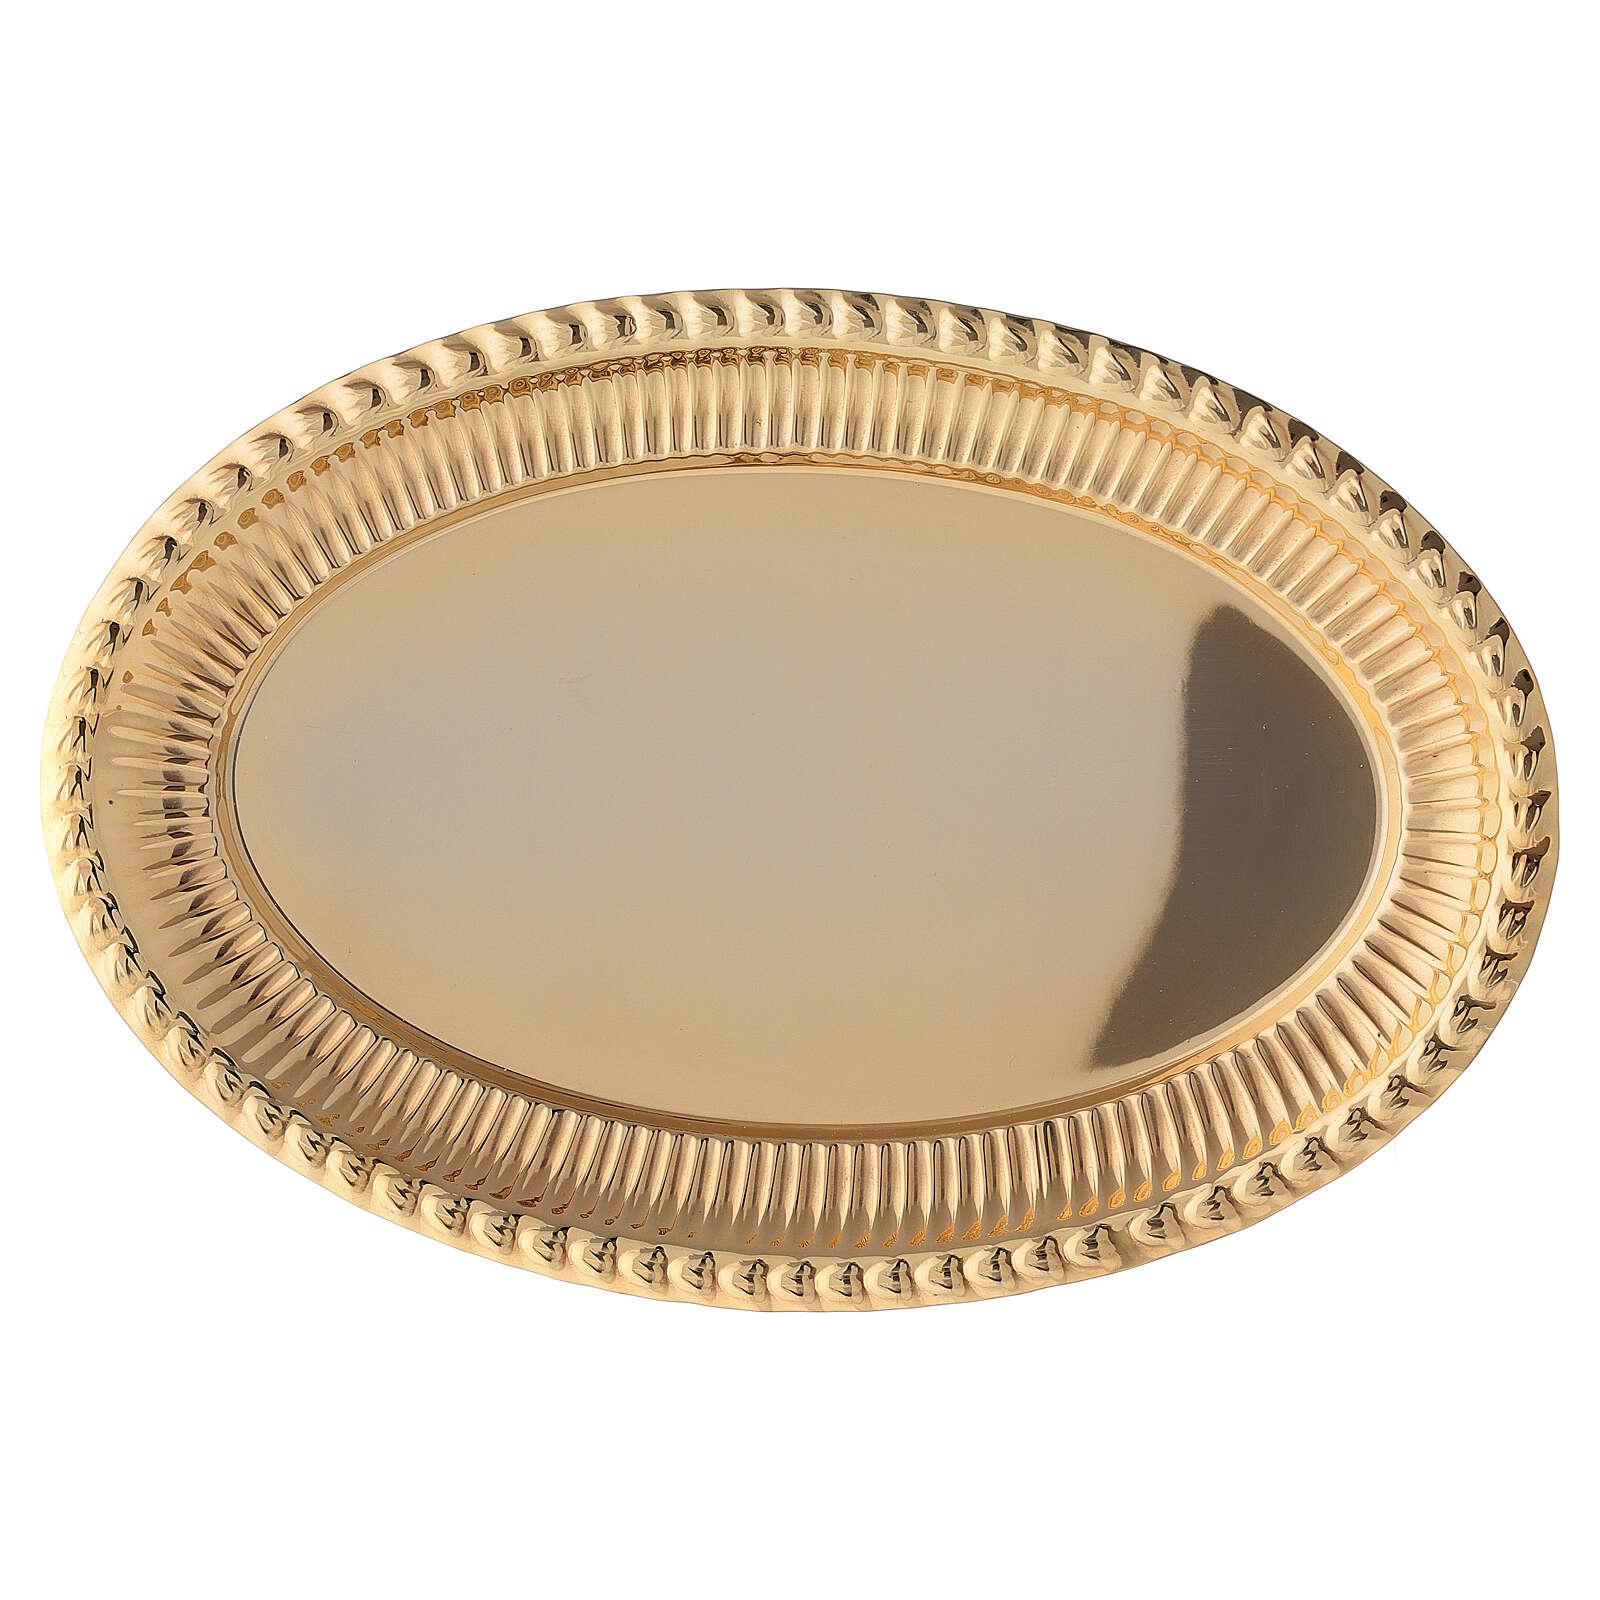 Vassoio ottone dorato ovale ricambio set celebrazione 24x16 cm 4